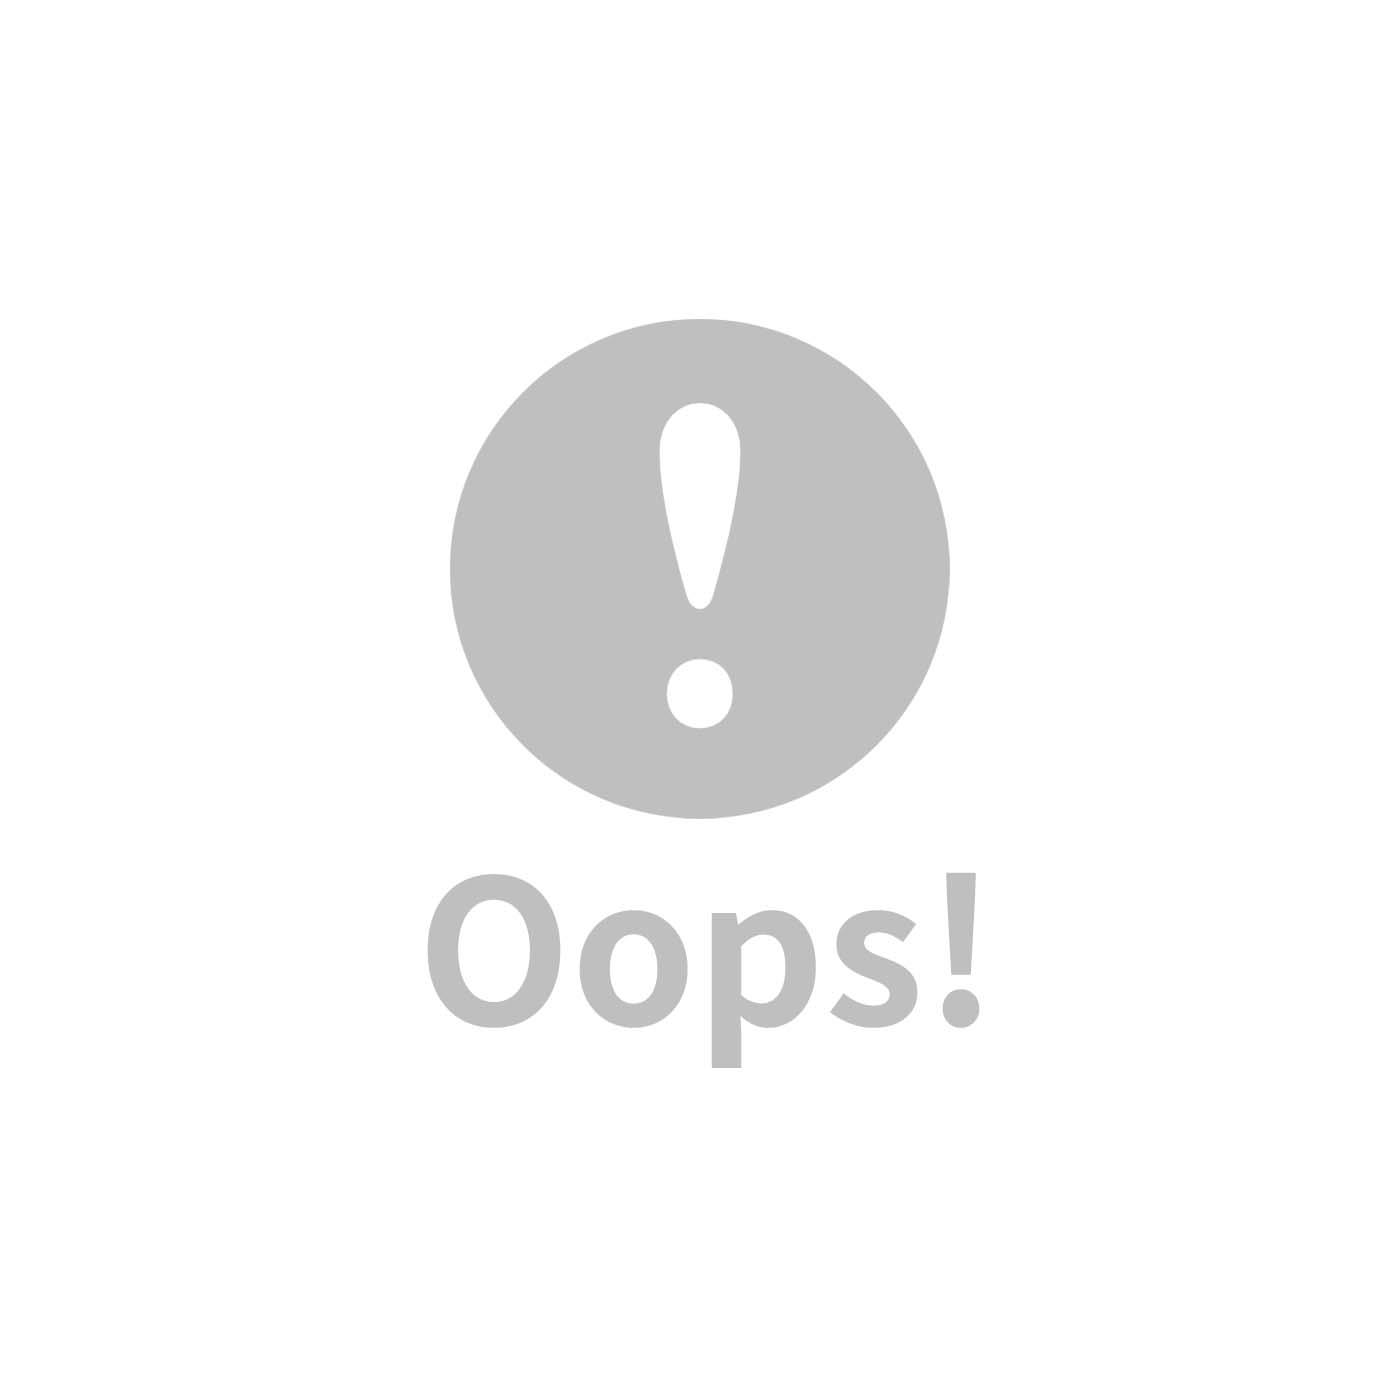 ELPRAIRIE頂級鮮厚超純水嬰兒濕紙巾-天然面膜印花款_隨身包12入(20抽x12包)